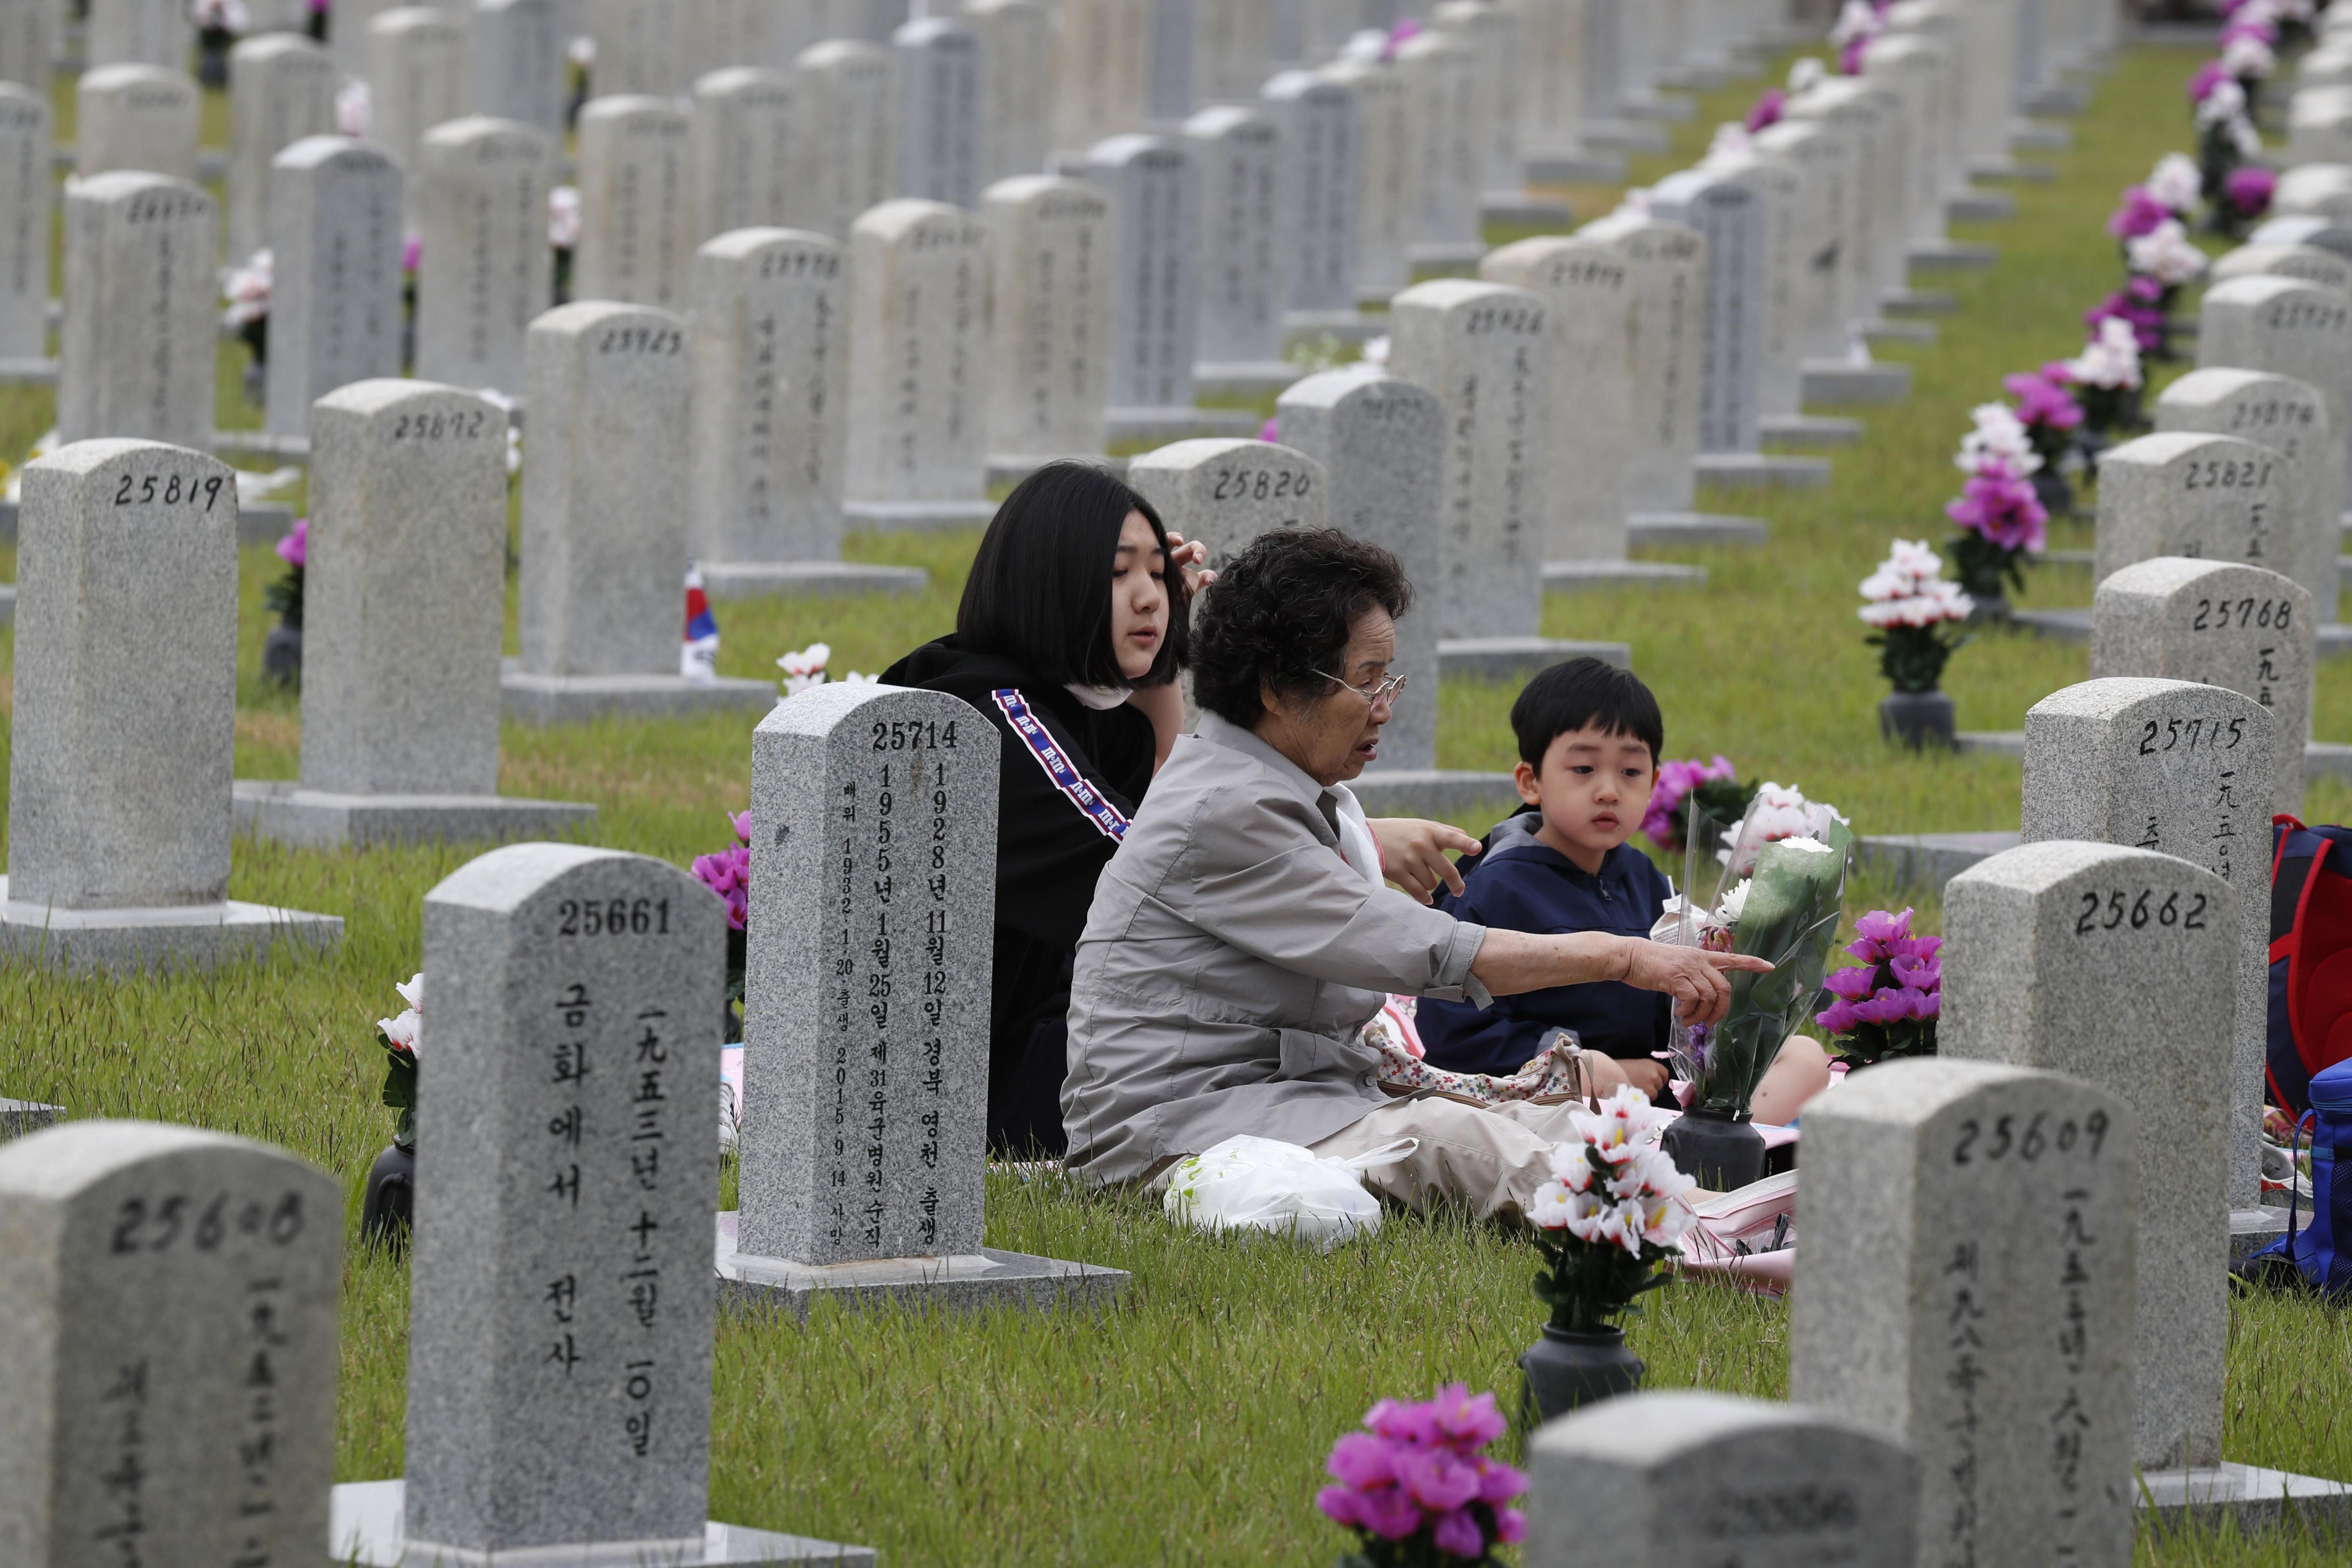 Una família visita una tomba durant el Dia dels Caiguts aquest dimarts 6 de juny de 2017 en el Cementiri Nacional de Seül, a Corea del Sud. / JEON HEON-KYUN